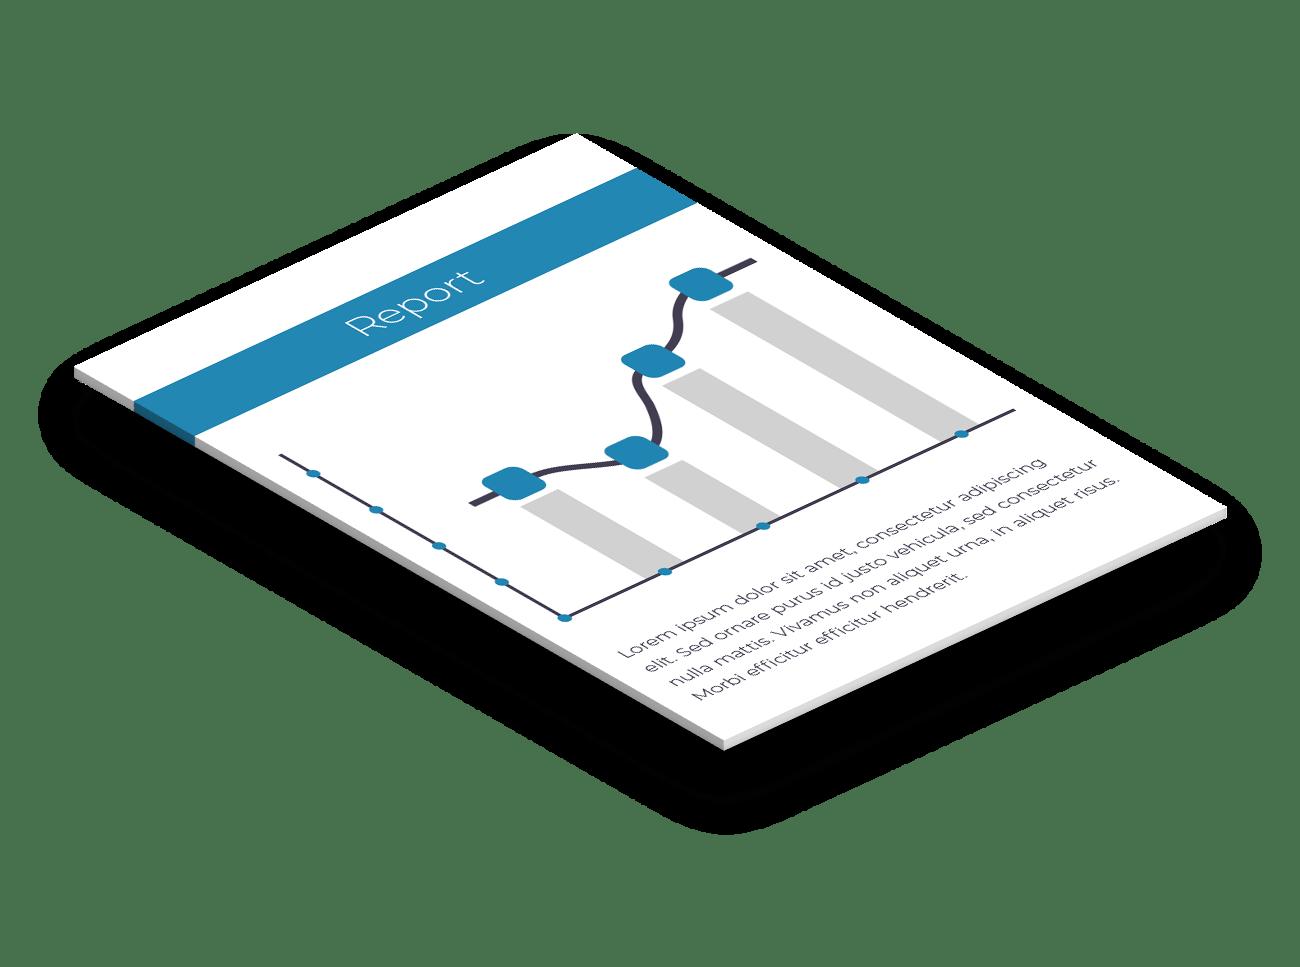 Monitoraggio e analisi delle campagne pubblicitarie